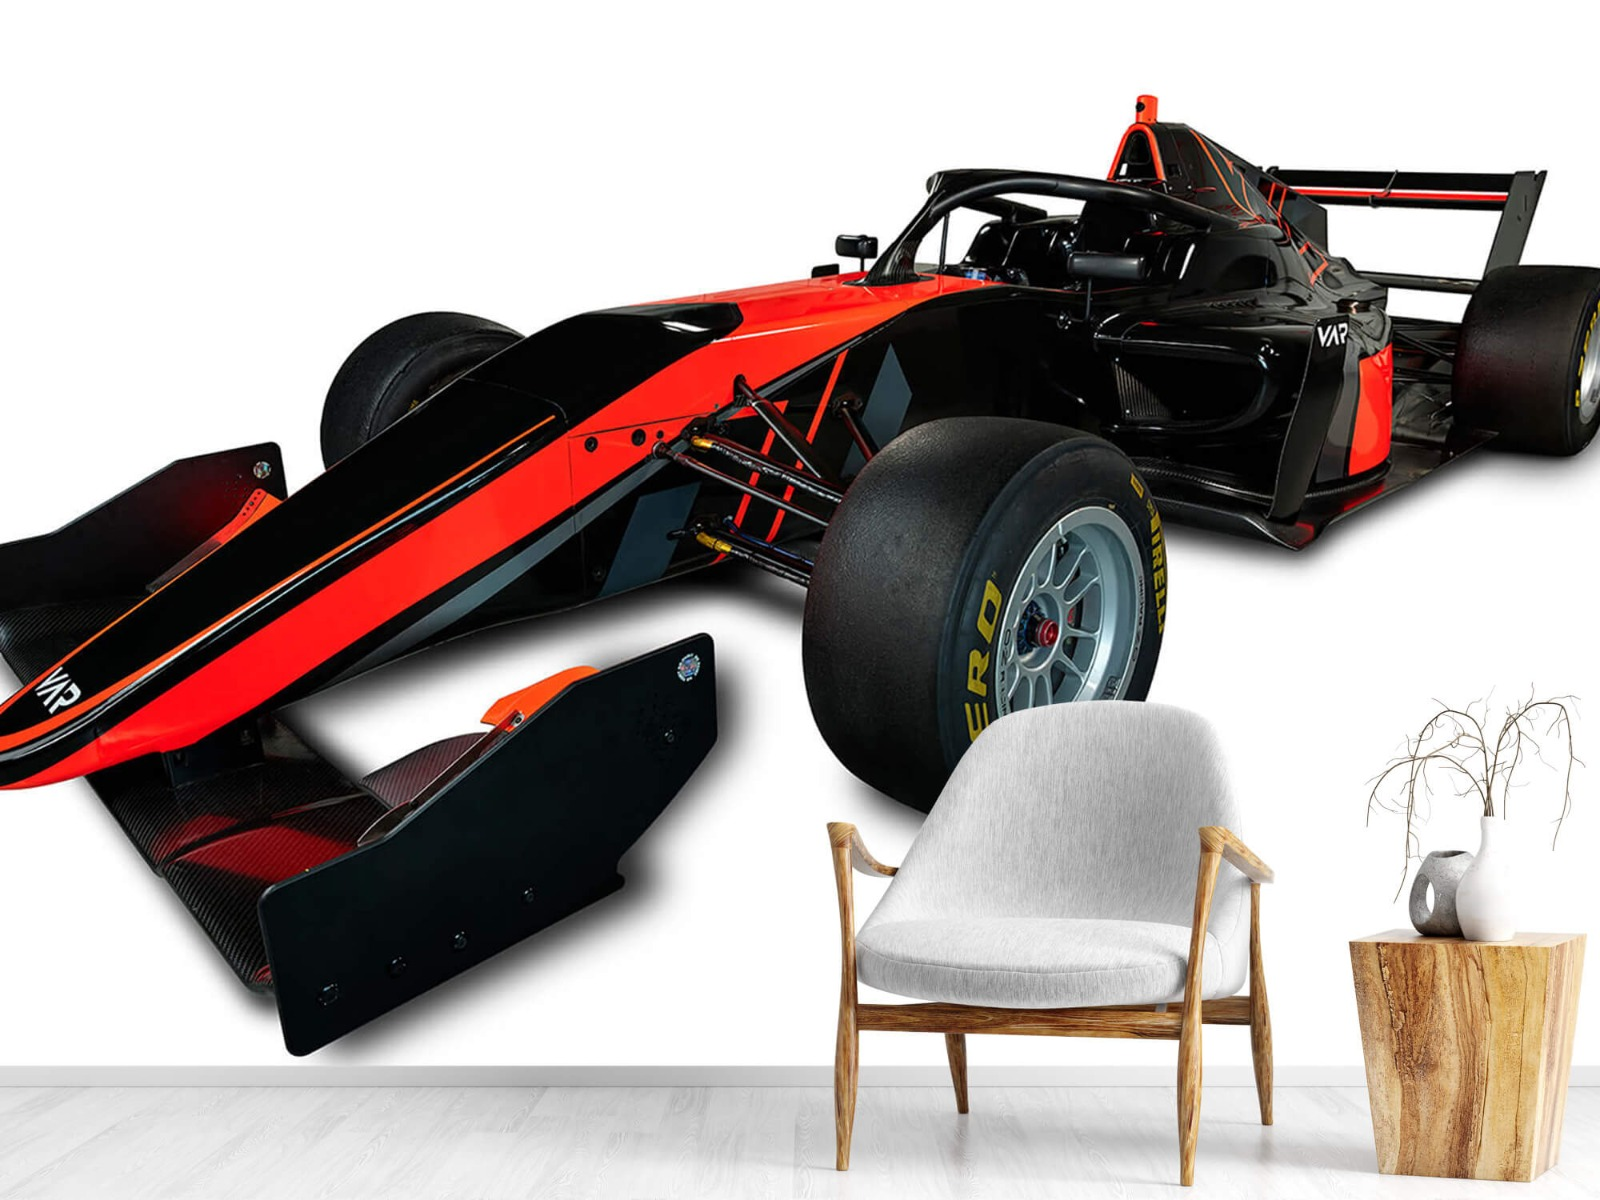 Sportauto's - Formule 3 - Left front view - Tienerkamer 18